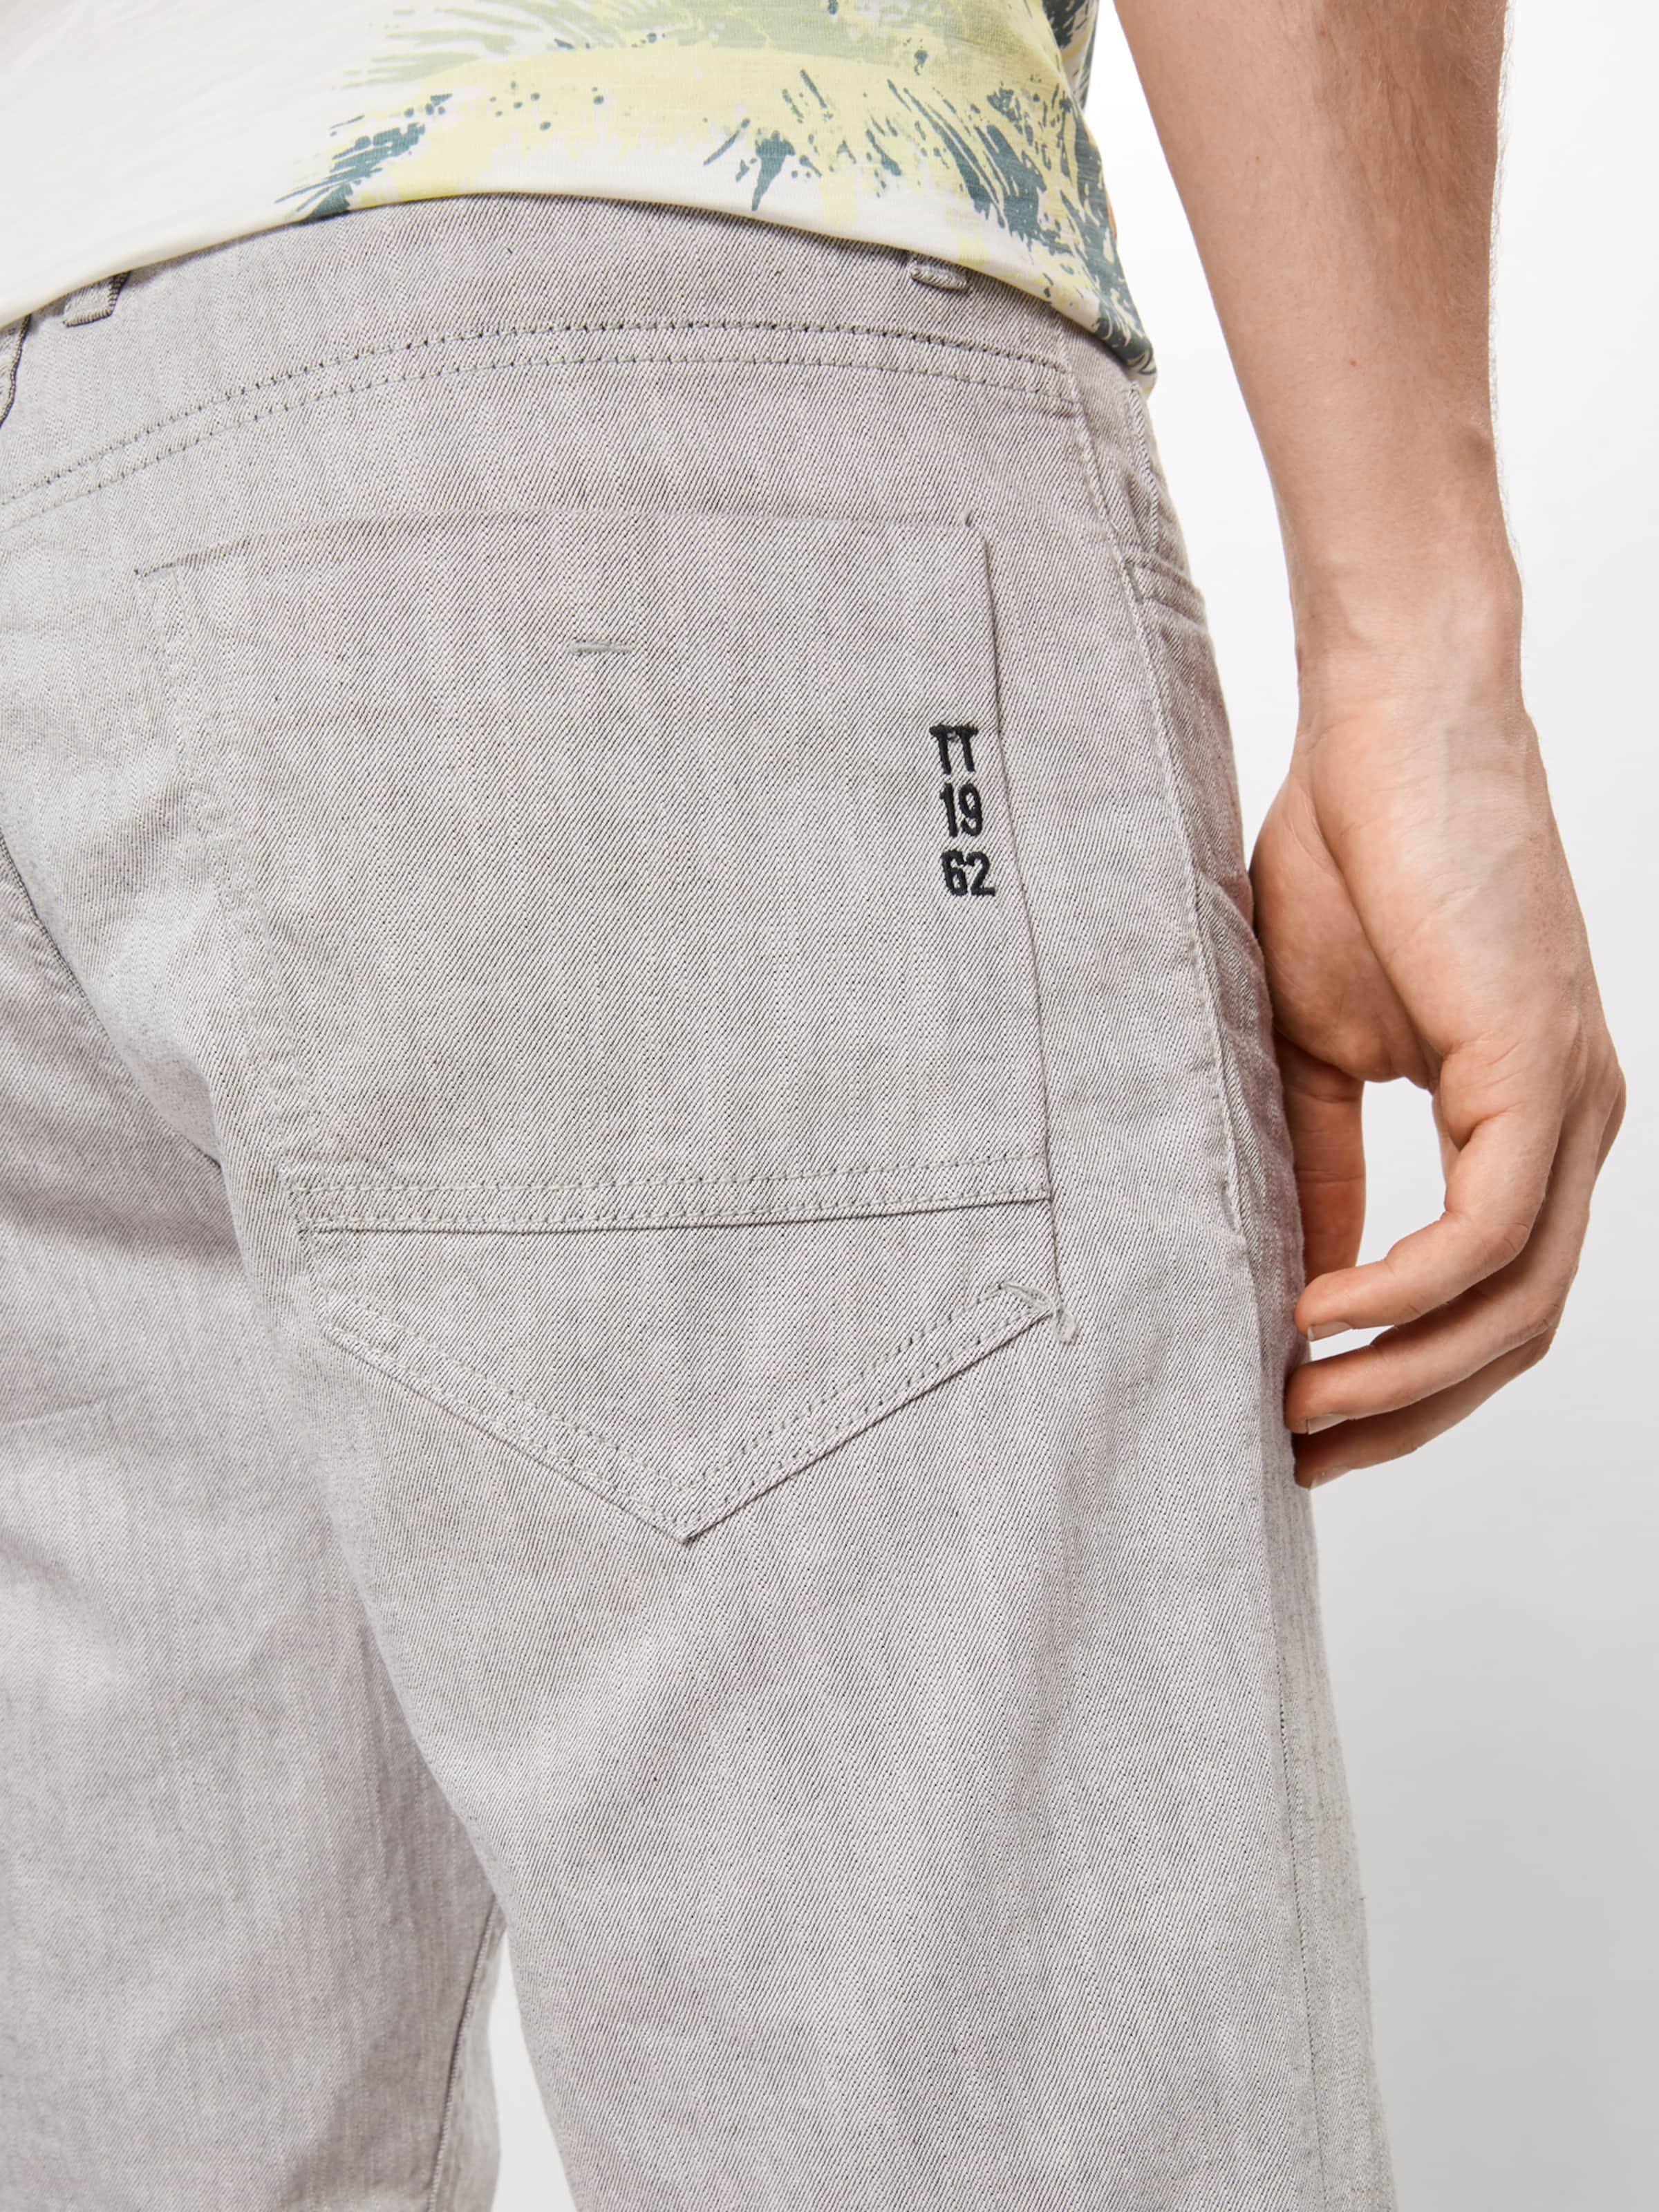 Tom Tailor Tom Tailor Pantalon Rose Pantalon En UzpSMV